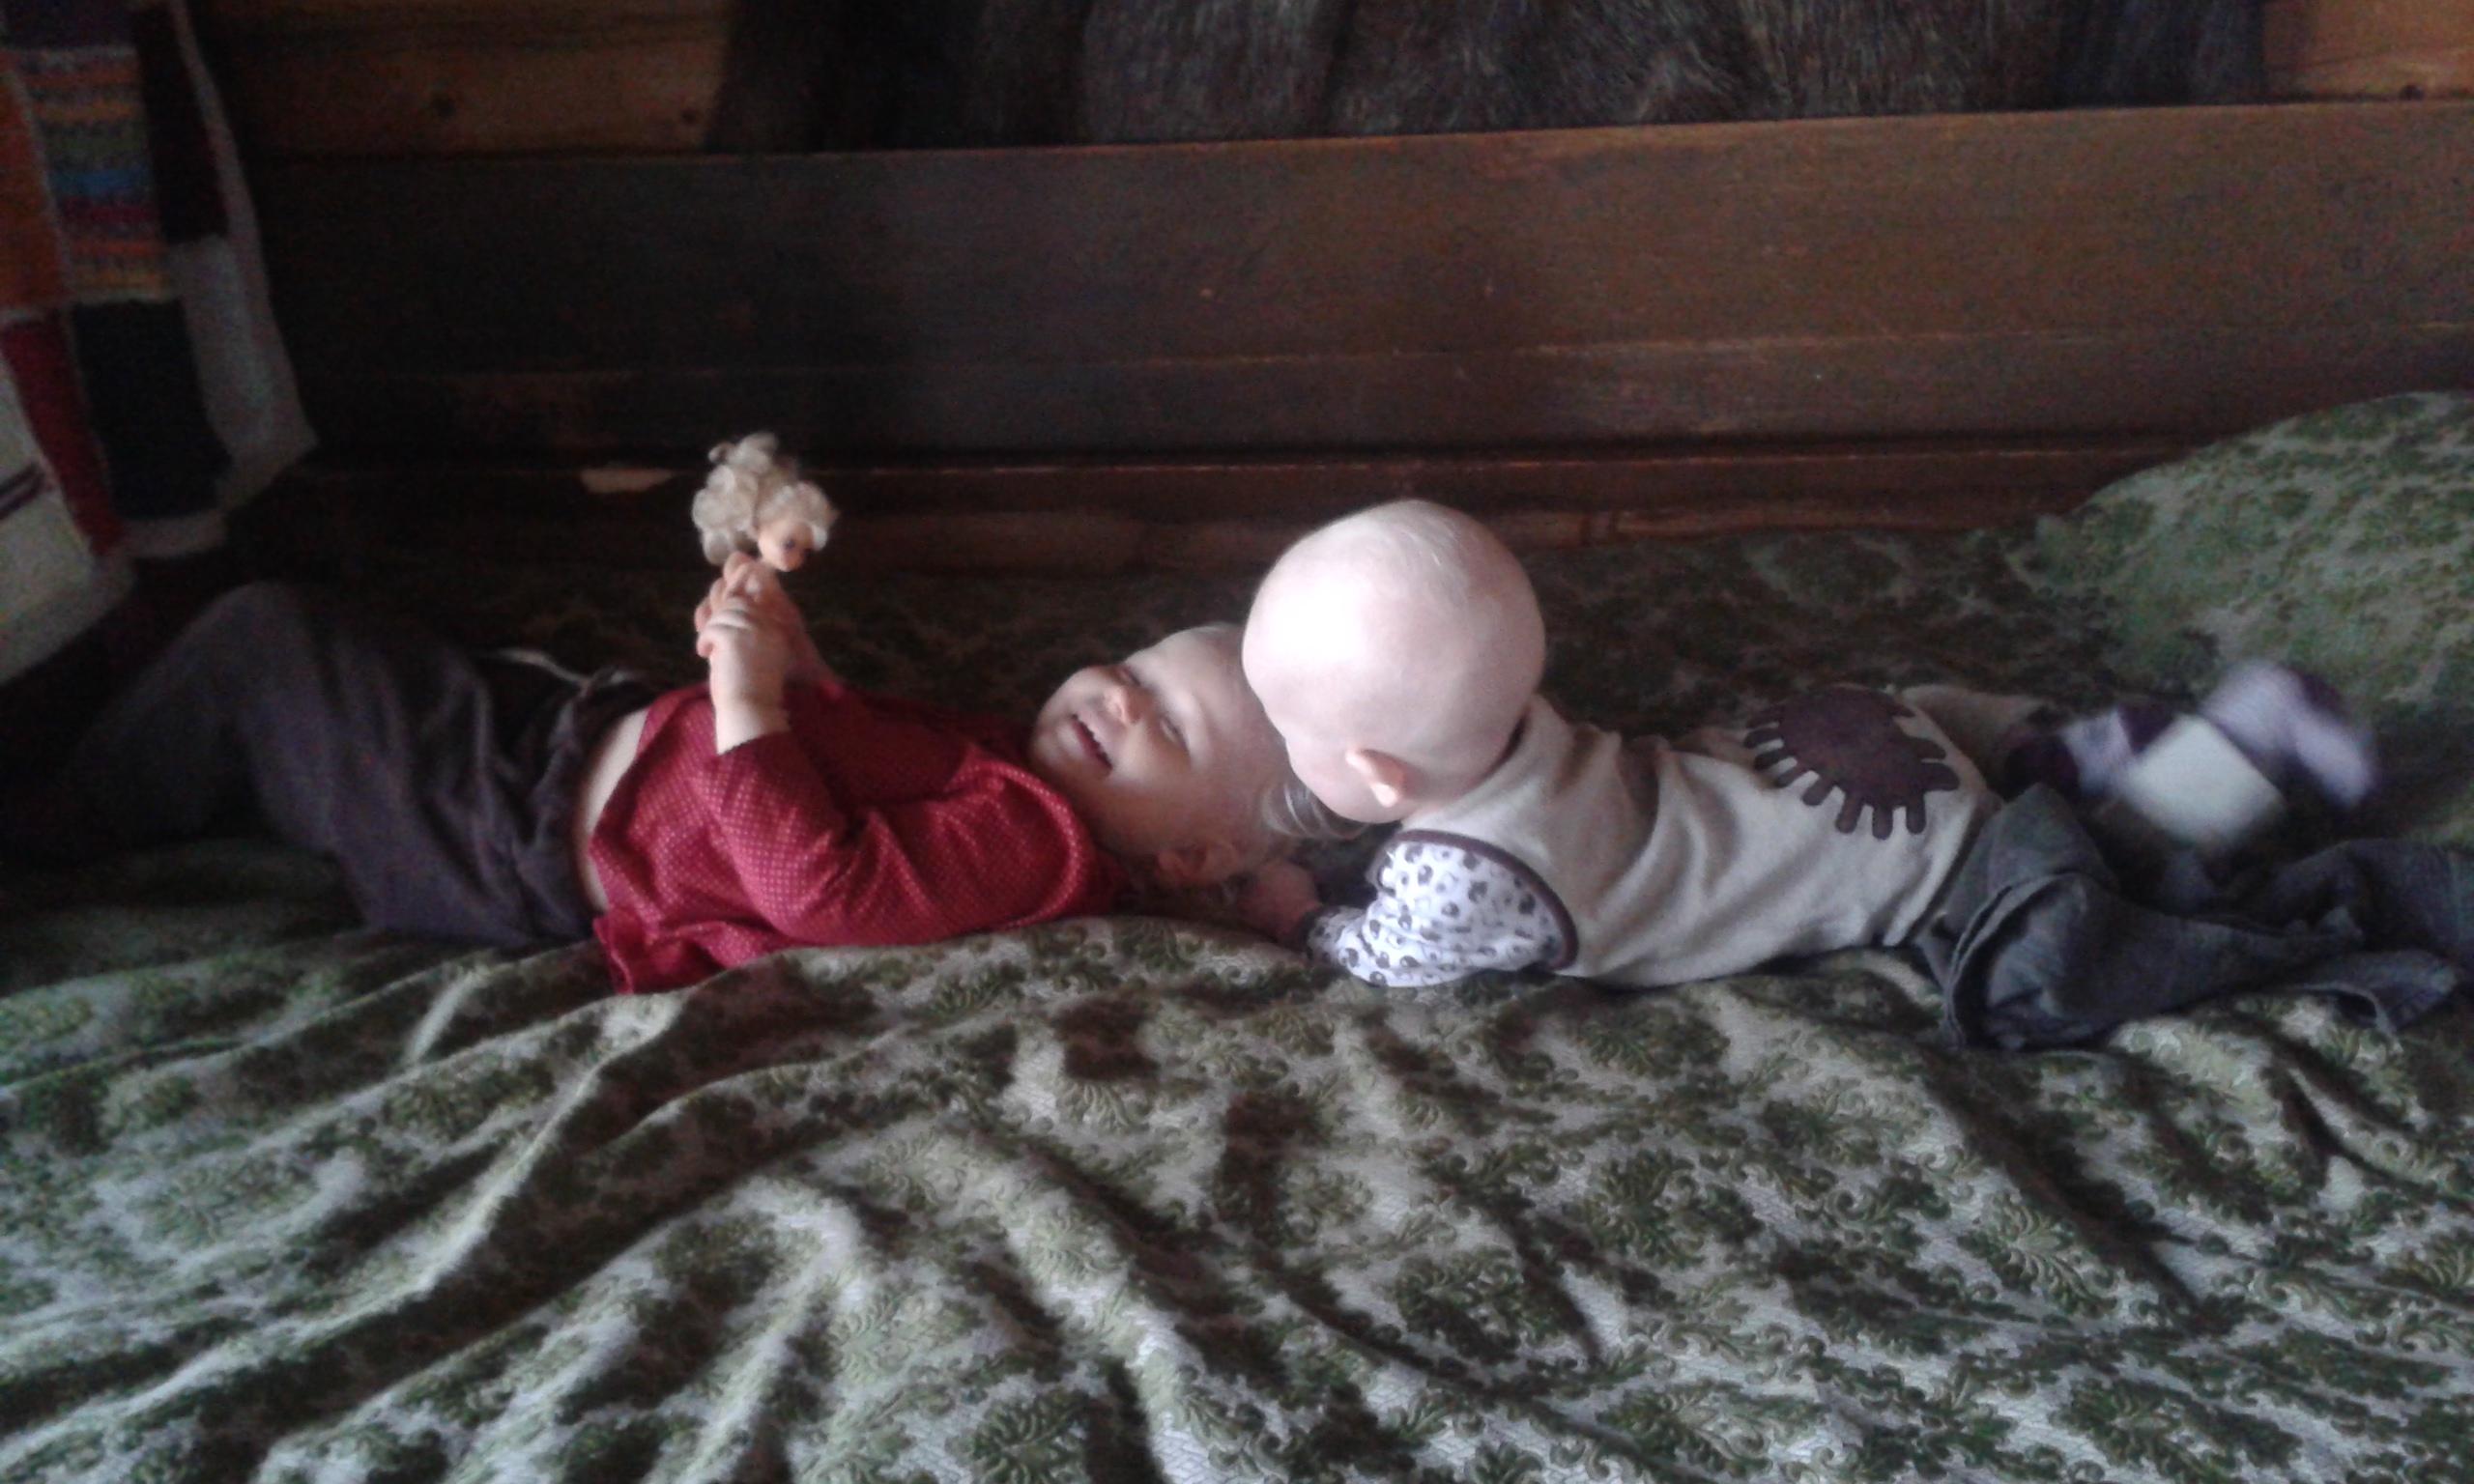 Lapset sängyllä.jpg